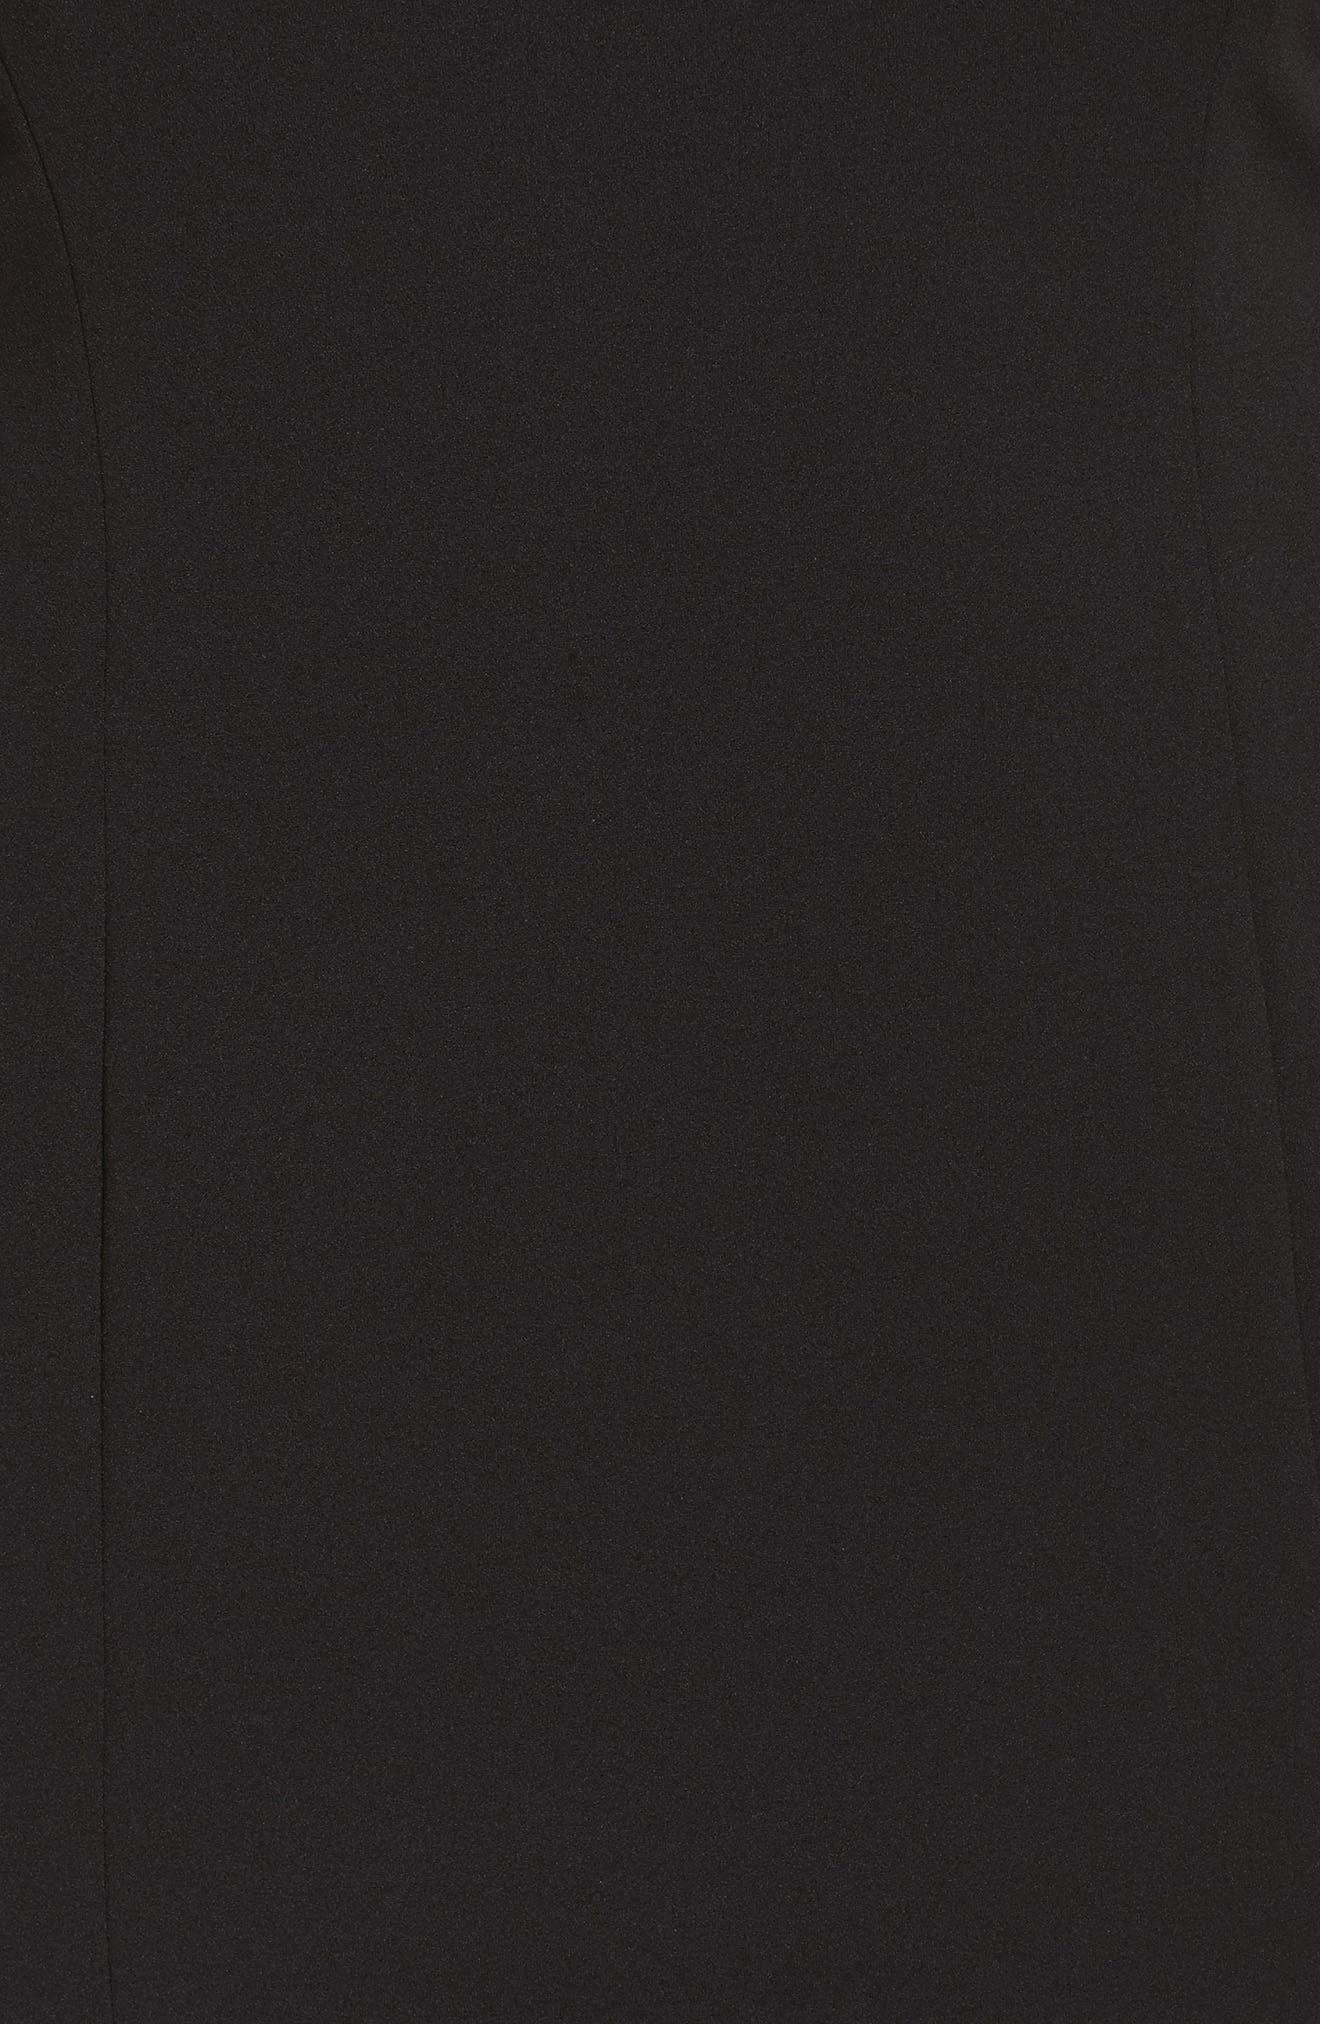 V-Back Sheath Dress,                             Alternate thumbnail 5, color,                             Black